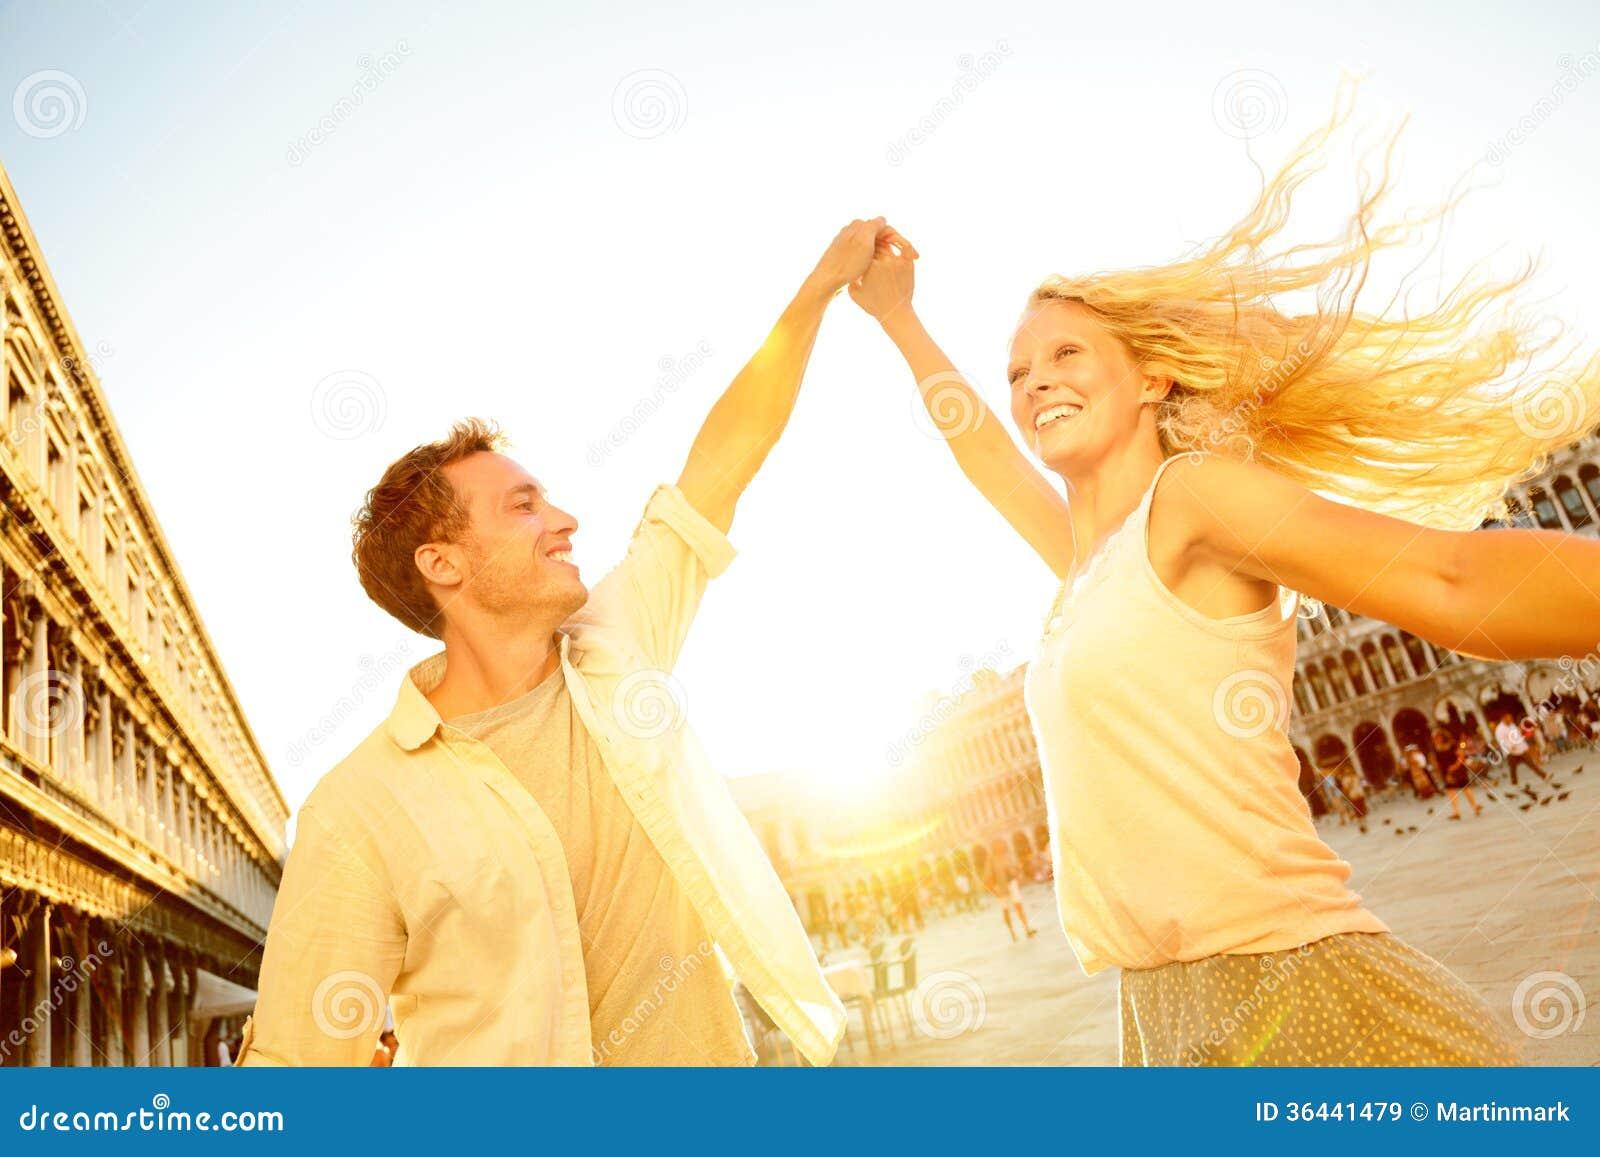 Dansend romantisch paar in liefde in Venetië, Italië